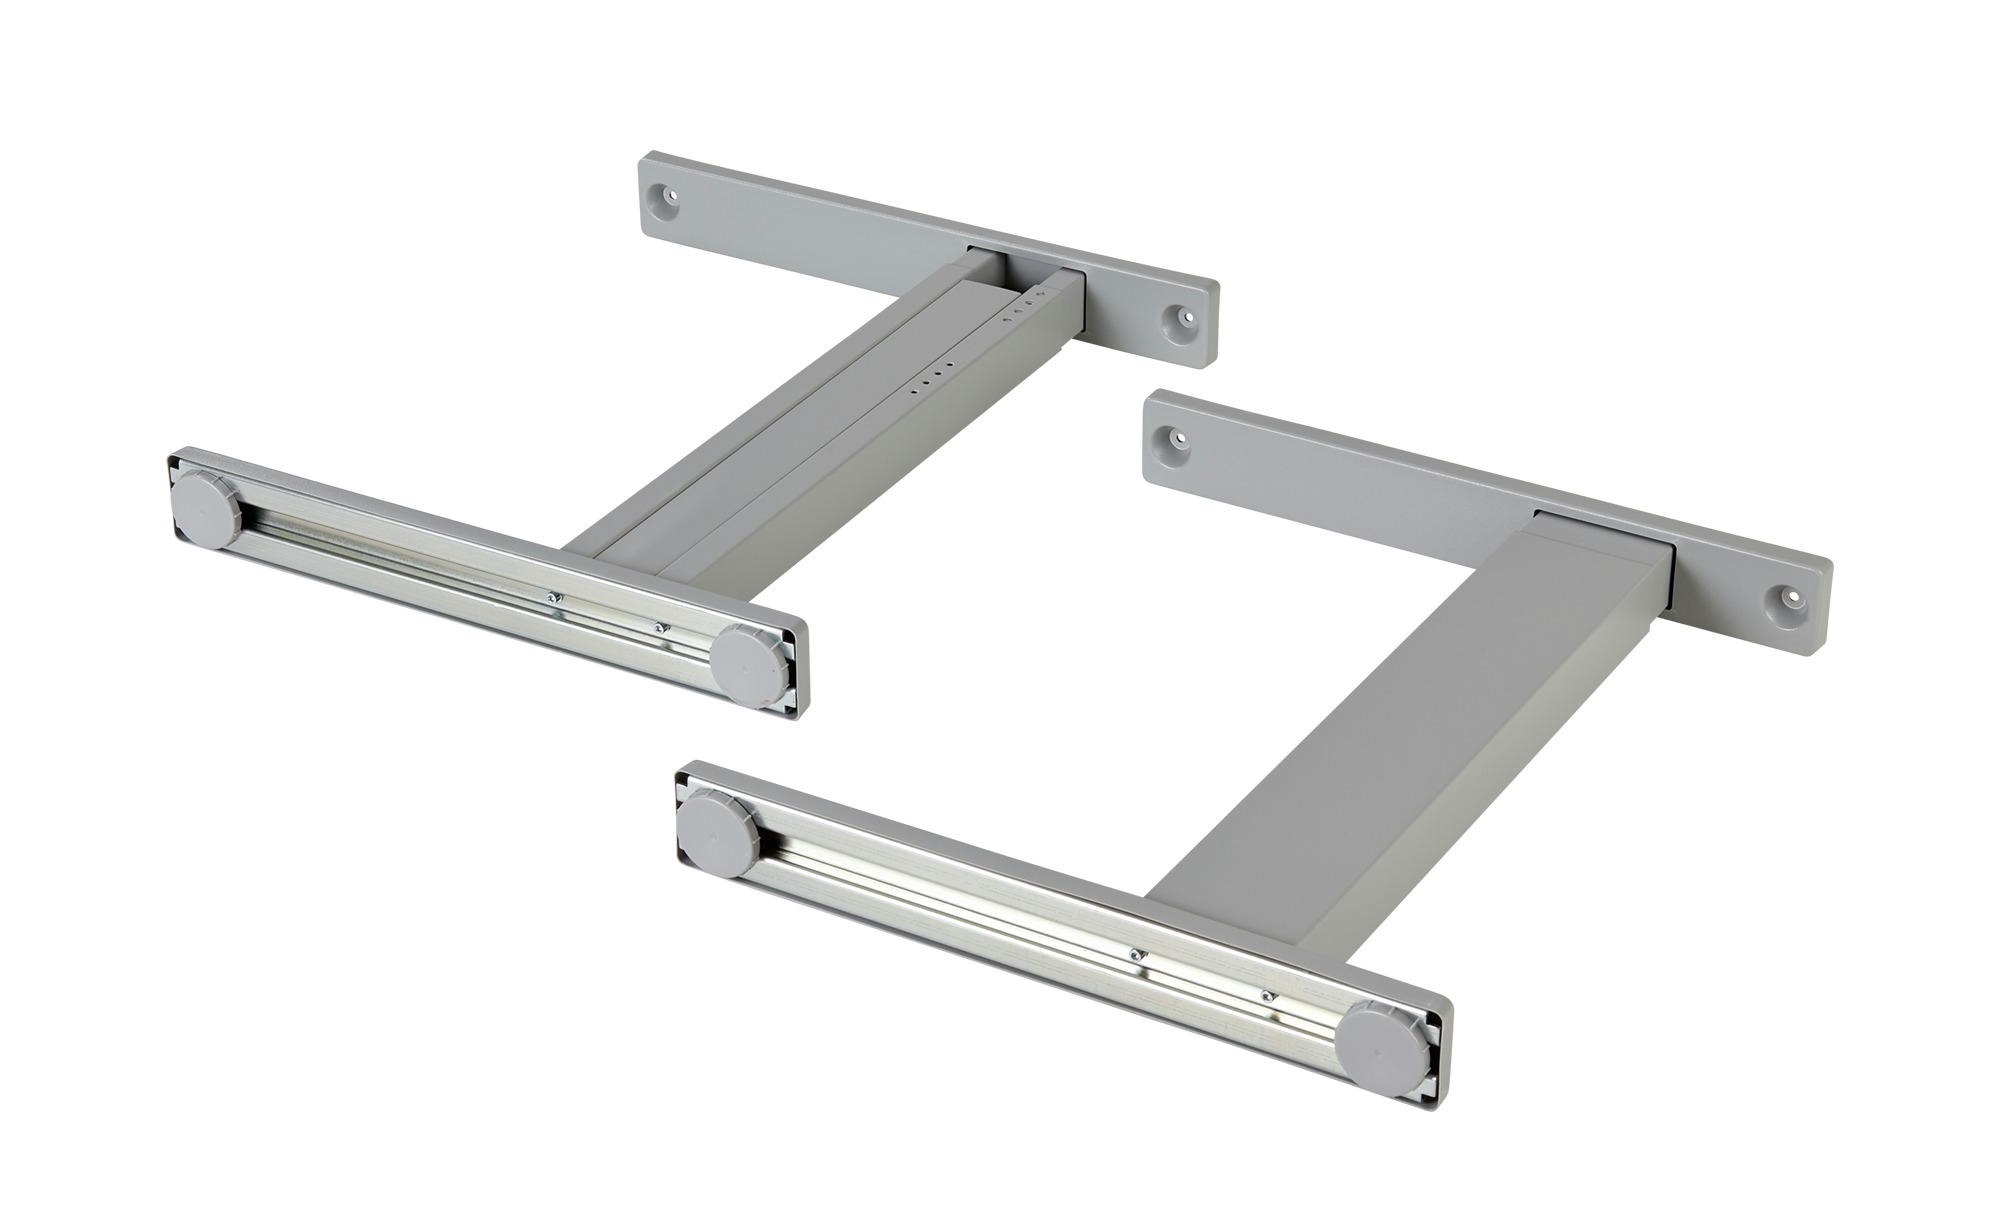 Fußpaar  Rhein ¦ grau Tische > Tischbeine - Höffner   Wohnzimmer > Tische > Weitere Tische   Grau   Metall   Möbel Höffner DE